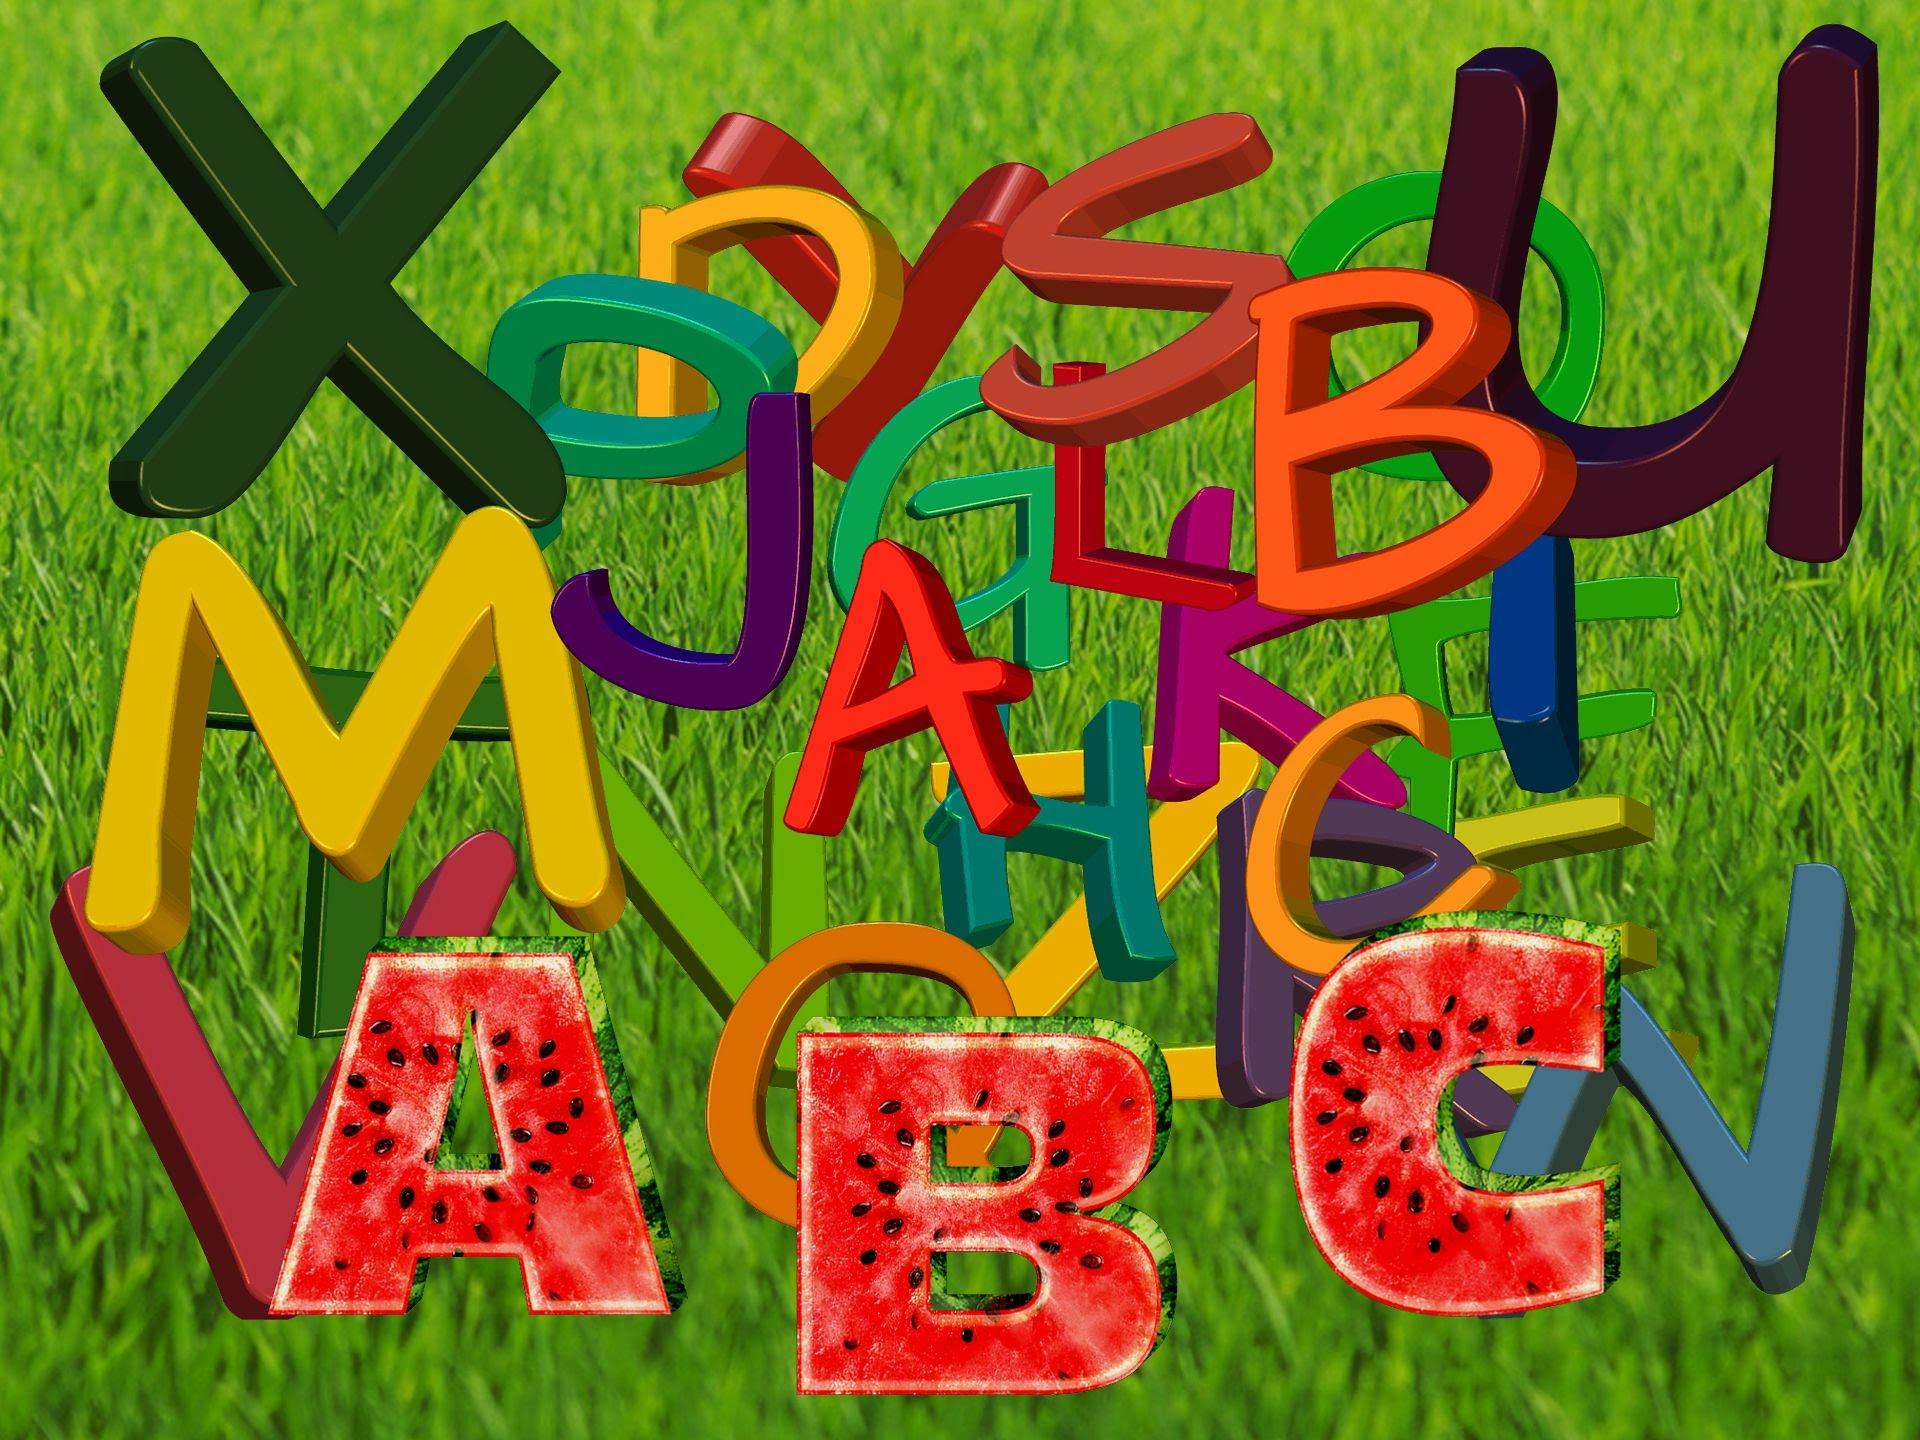 Алфавит: Каждый язык имеет свои правила